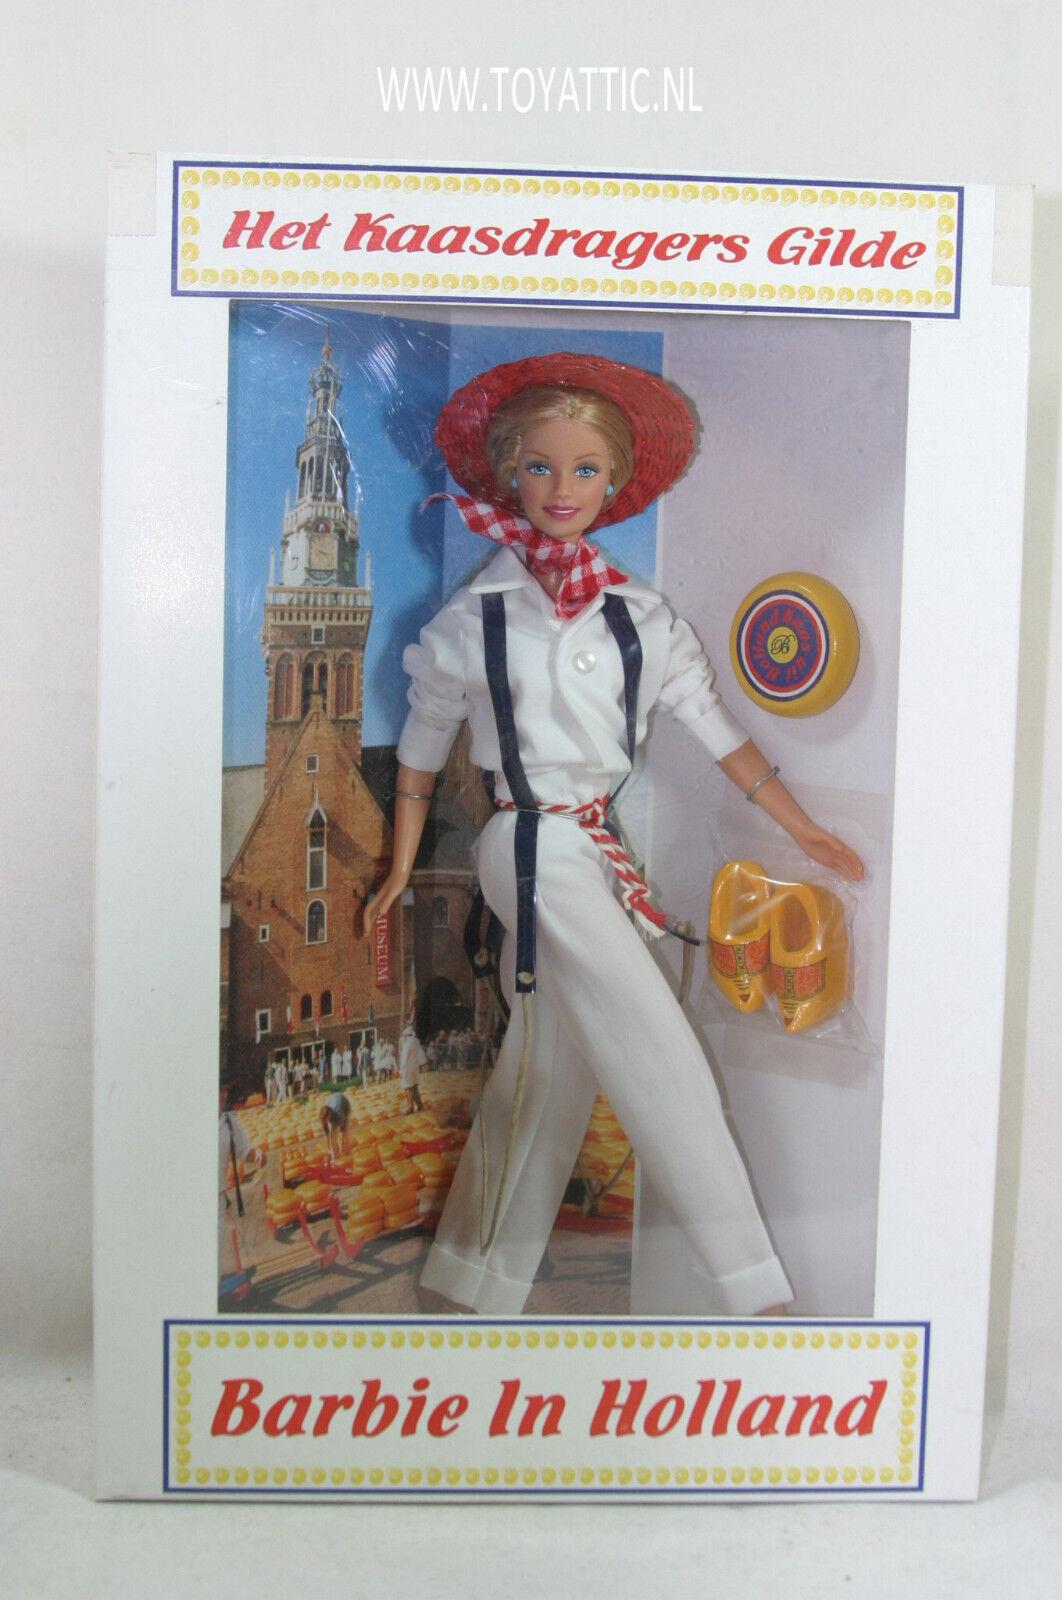 Convenio De Barbie Muñeca Barbie en Holanda desde 2002 como portador de queso holandés nunca quitado de la caja